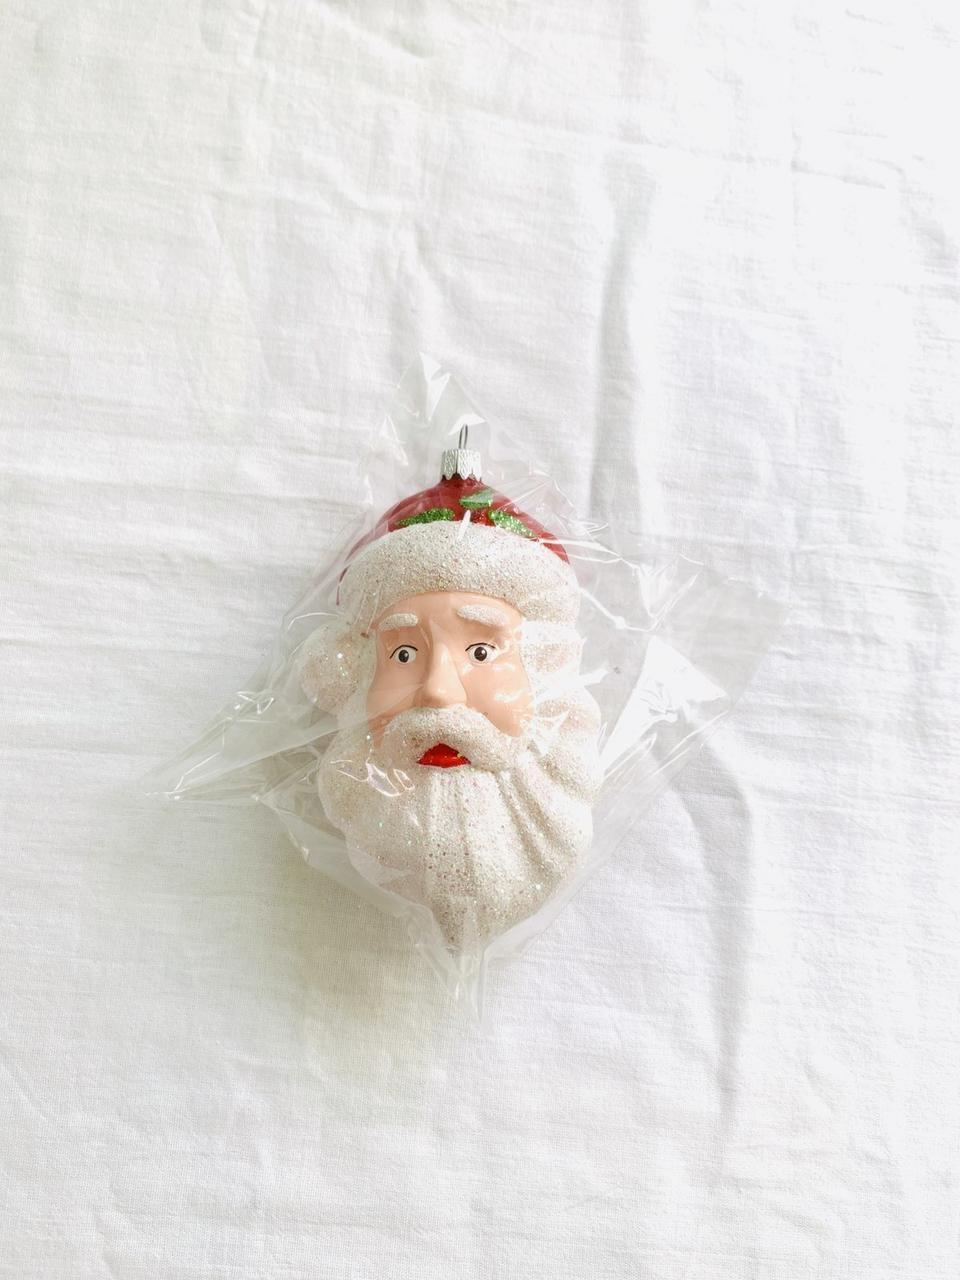 Игрушка новогодняя дед мороз лицо 1 штука 14 см